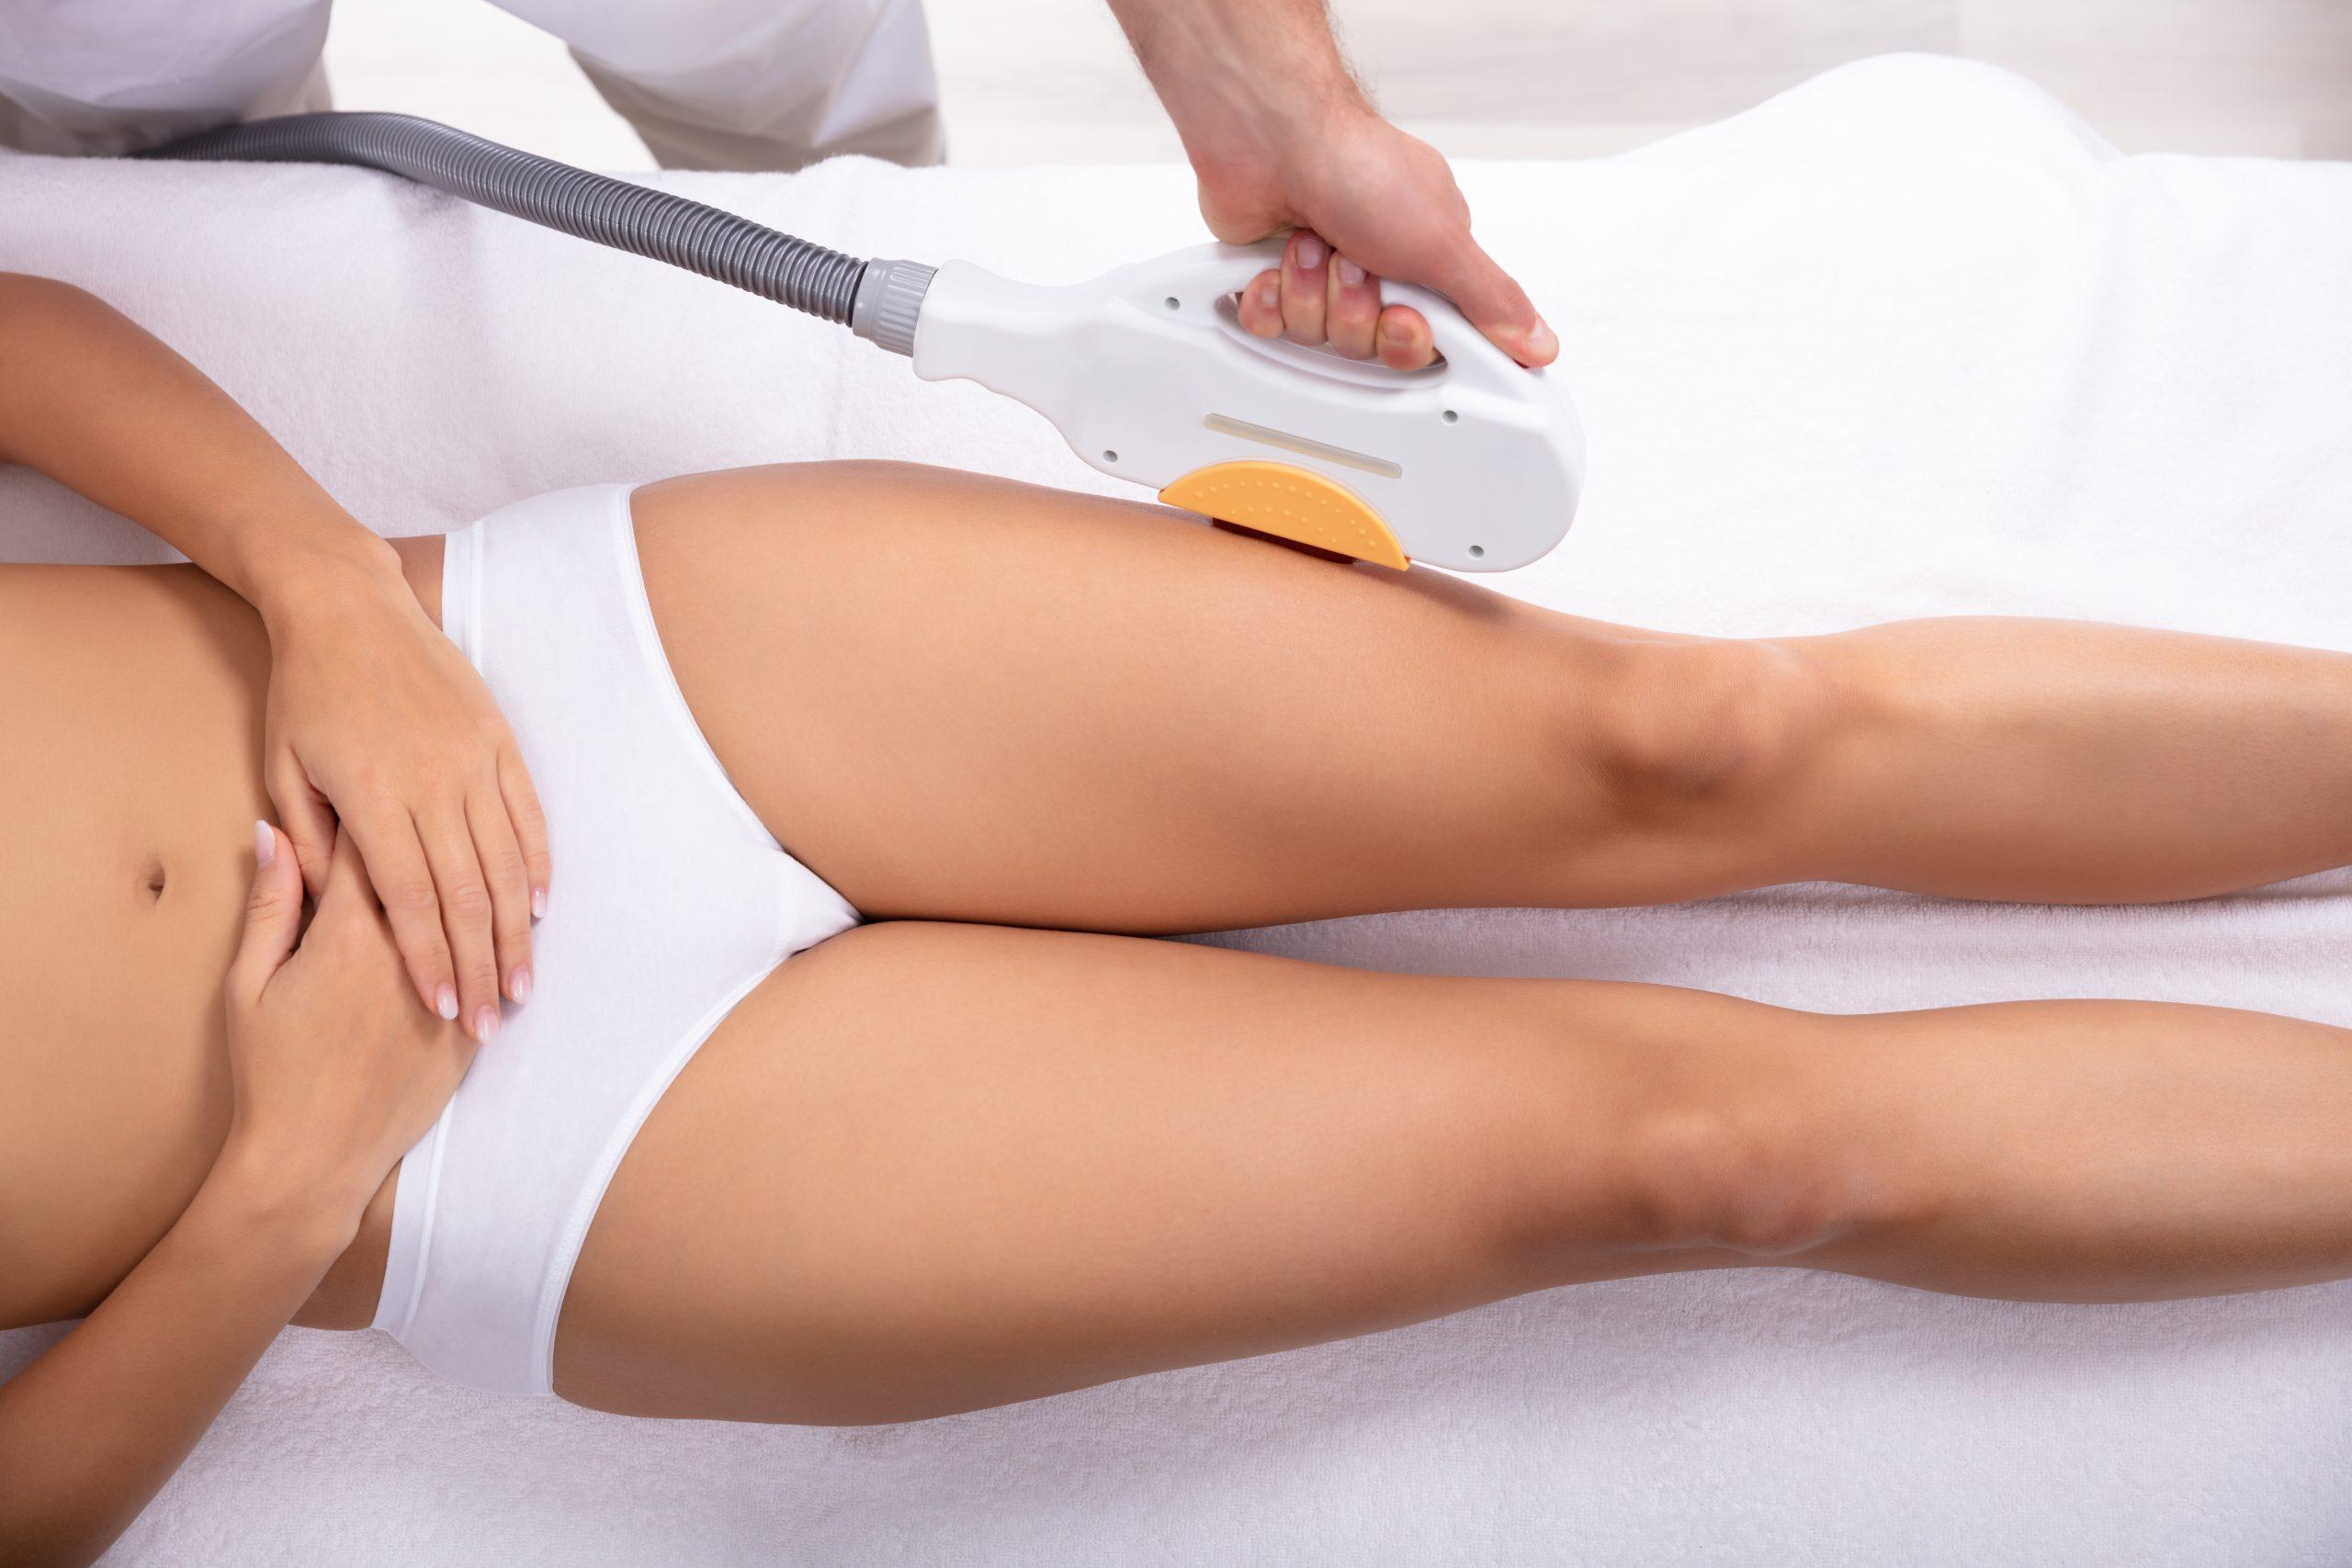 depilación laser sin dolor estetica fuengirola